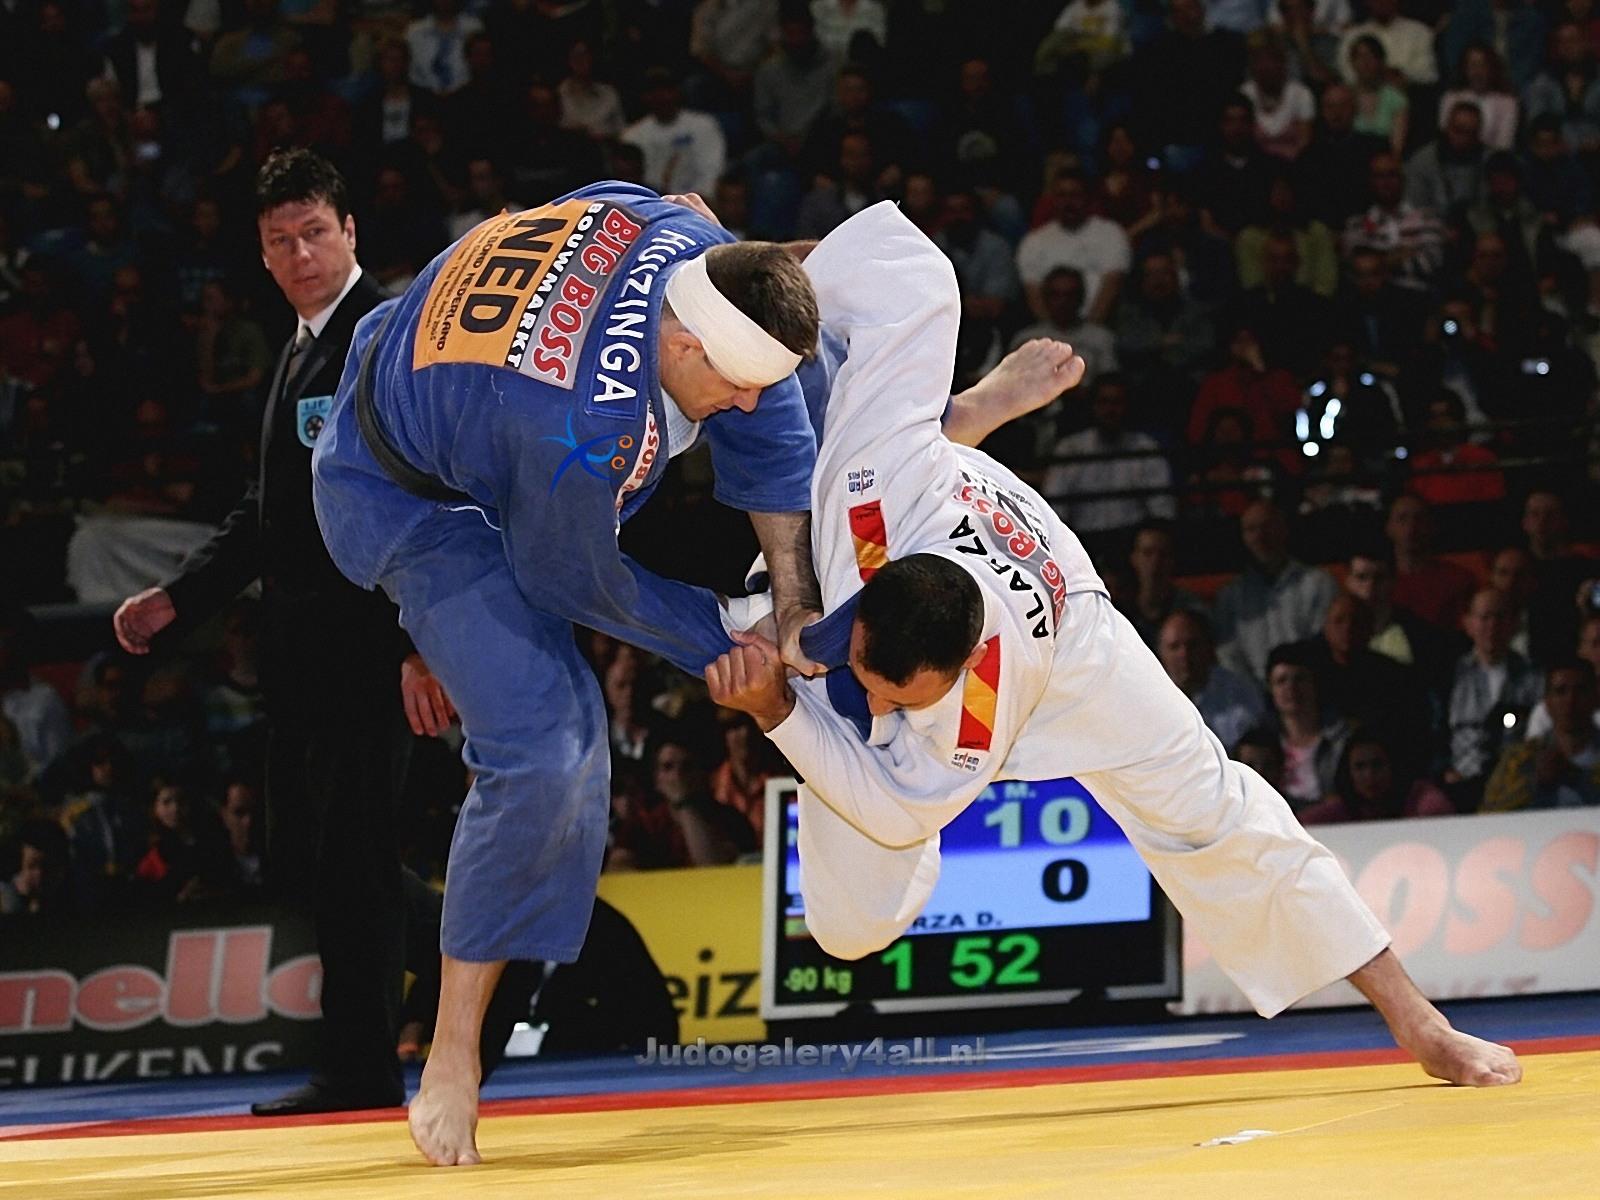 Judo Mark Huizinga 1600x1200 Wallpapers 1600x1200 Wallpapers 1600x1200